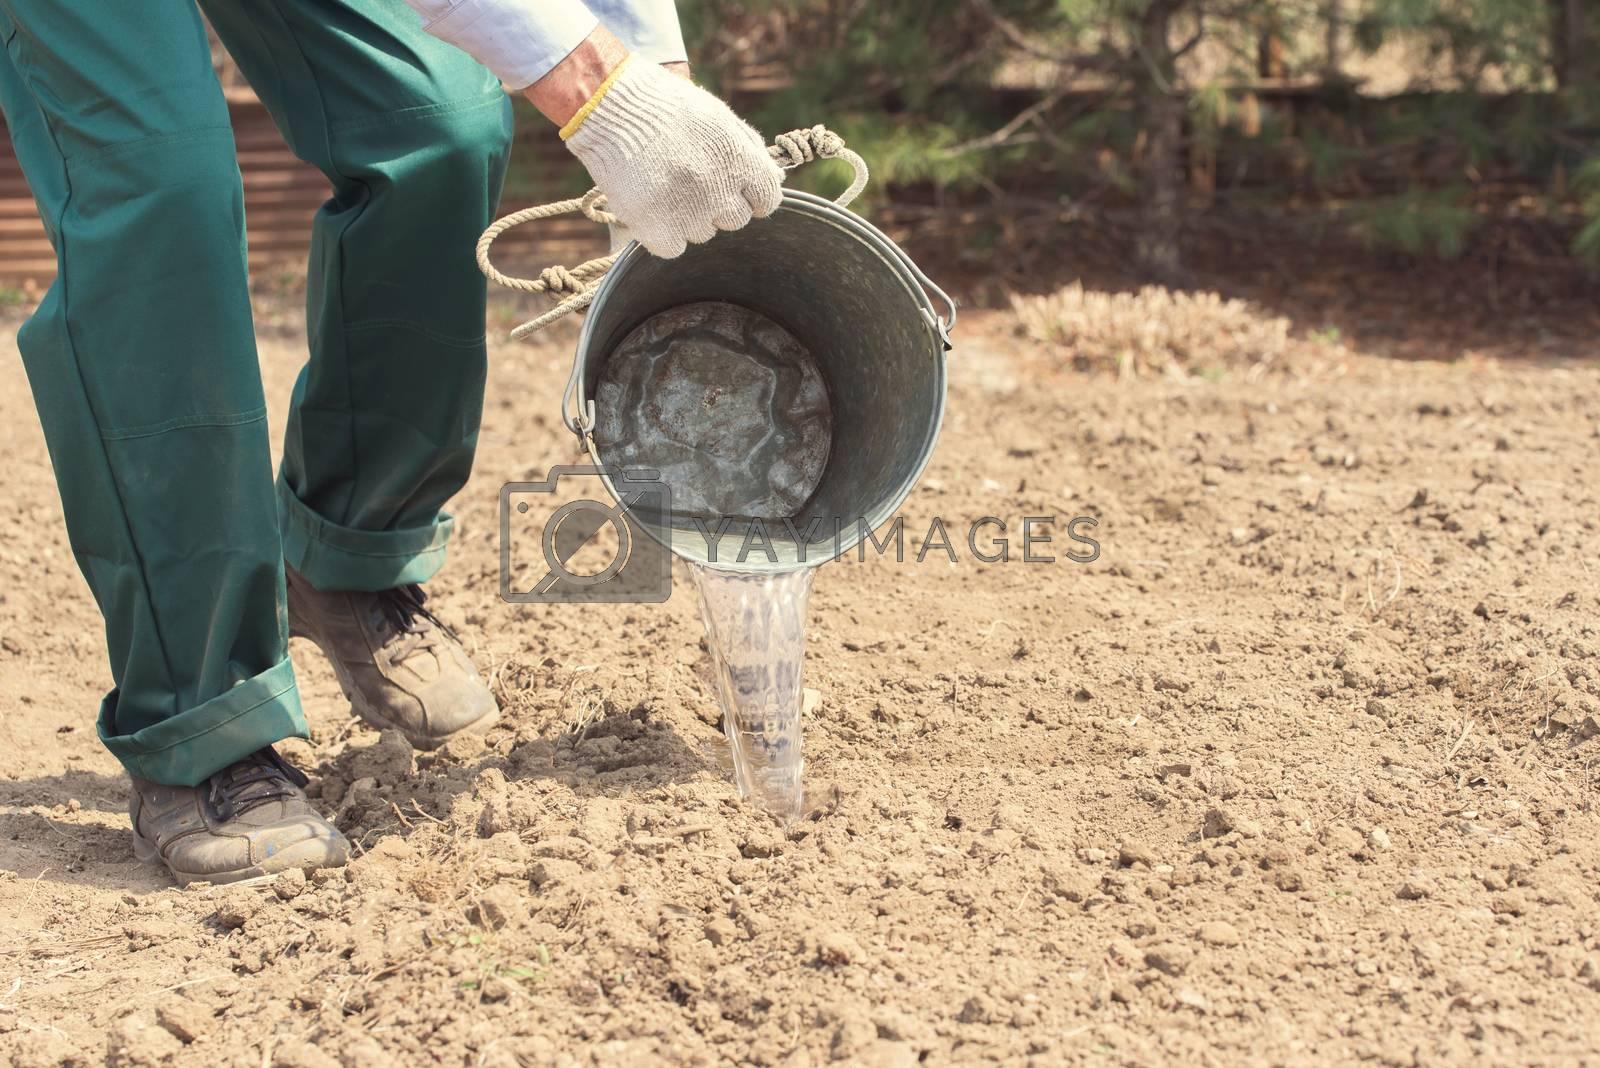 Farmer or employee working in the field. Farmer watered the garden